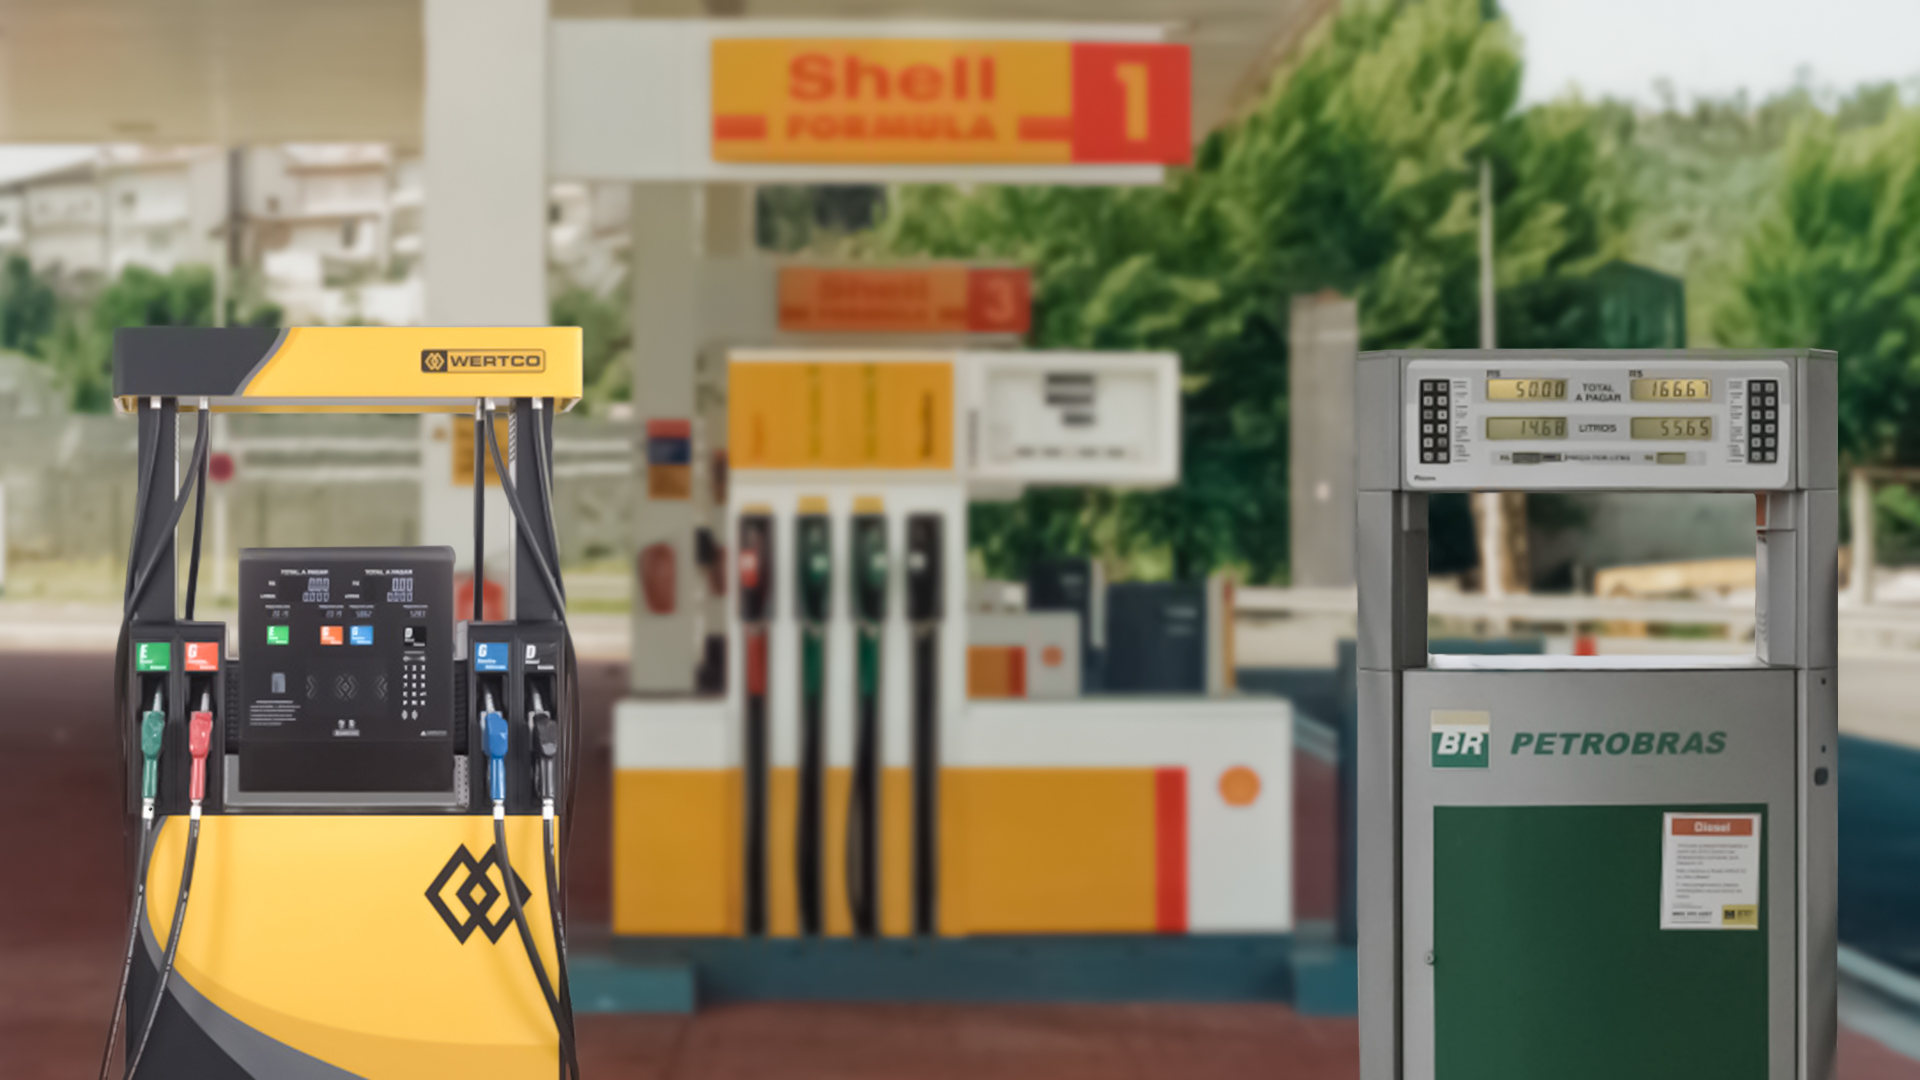 Postos podem oferecer combustível de mais de um distribuidor